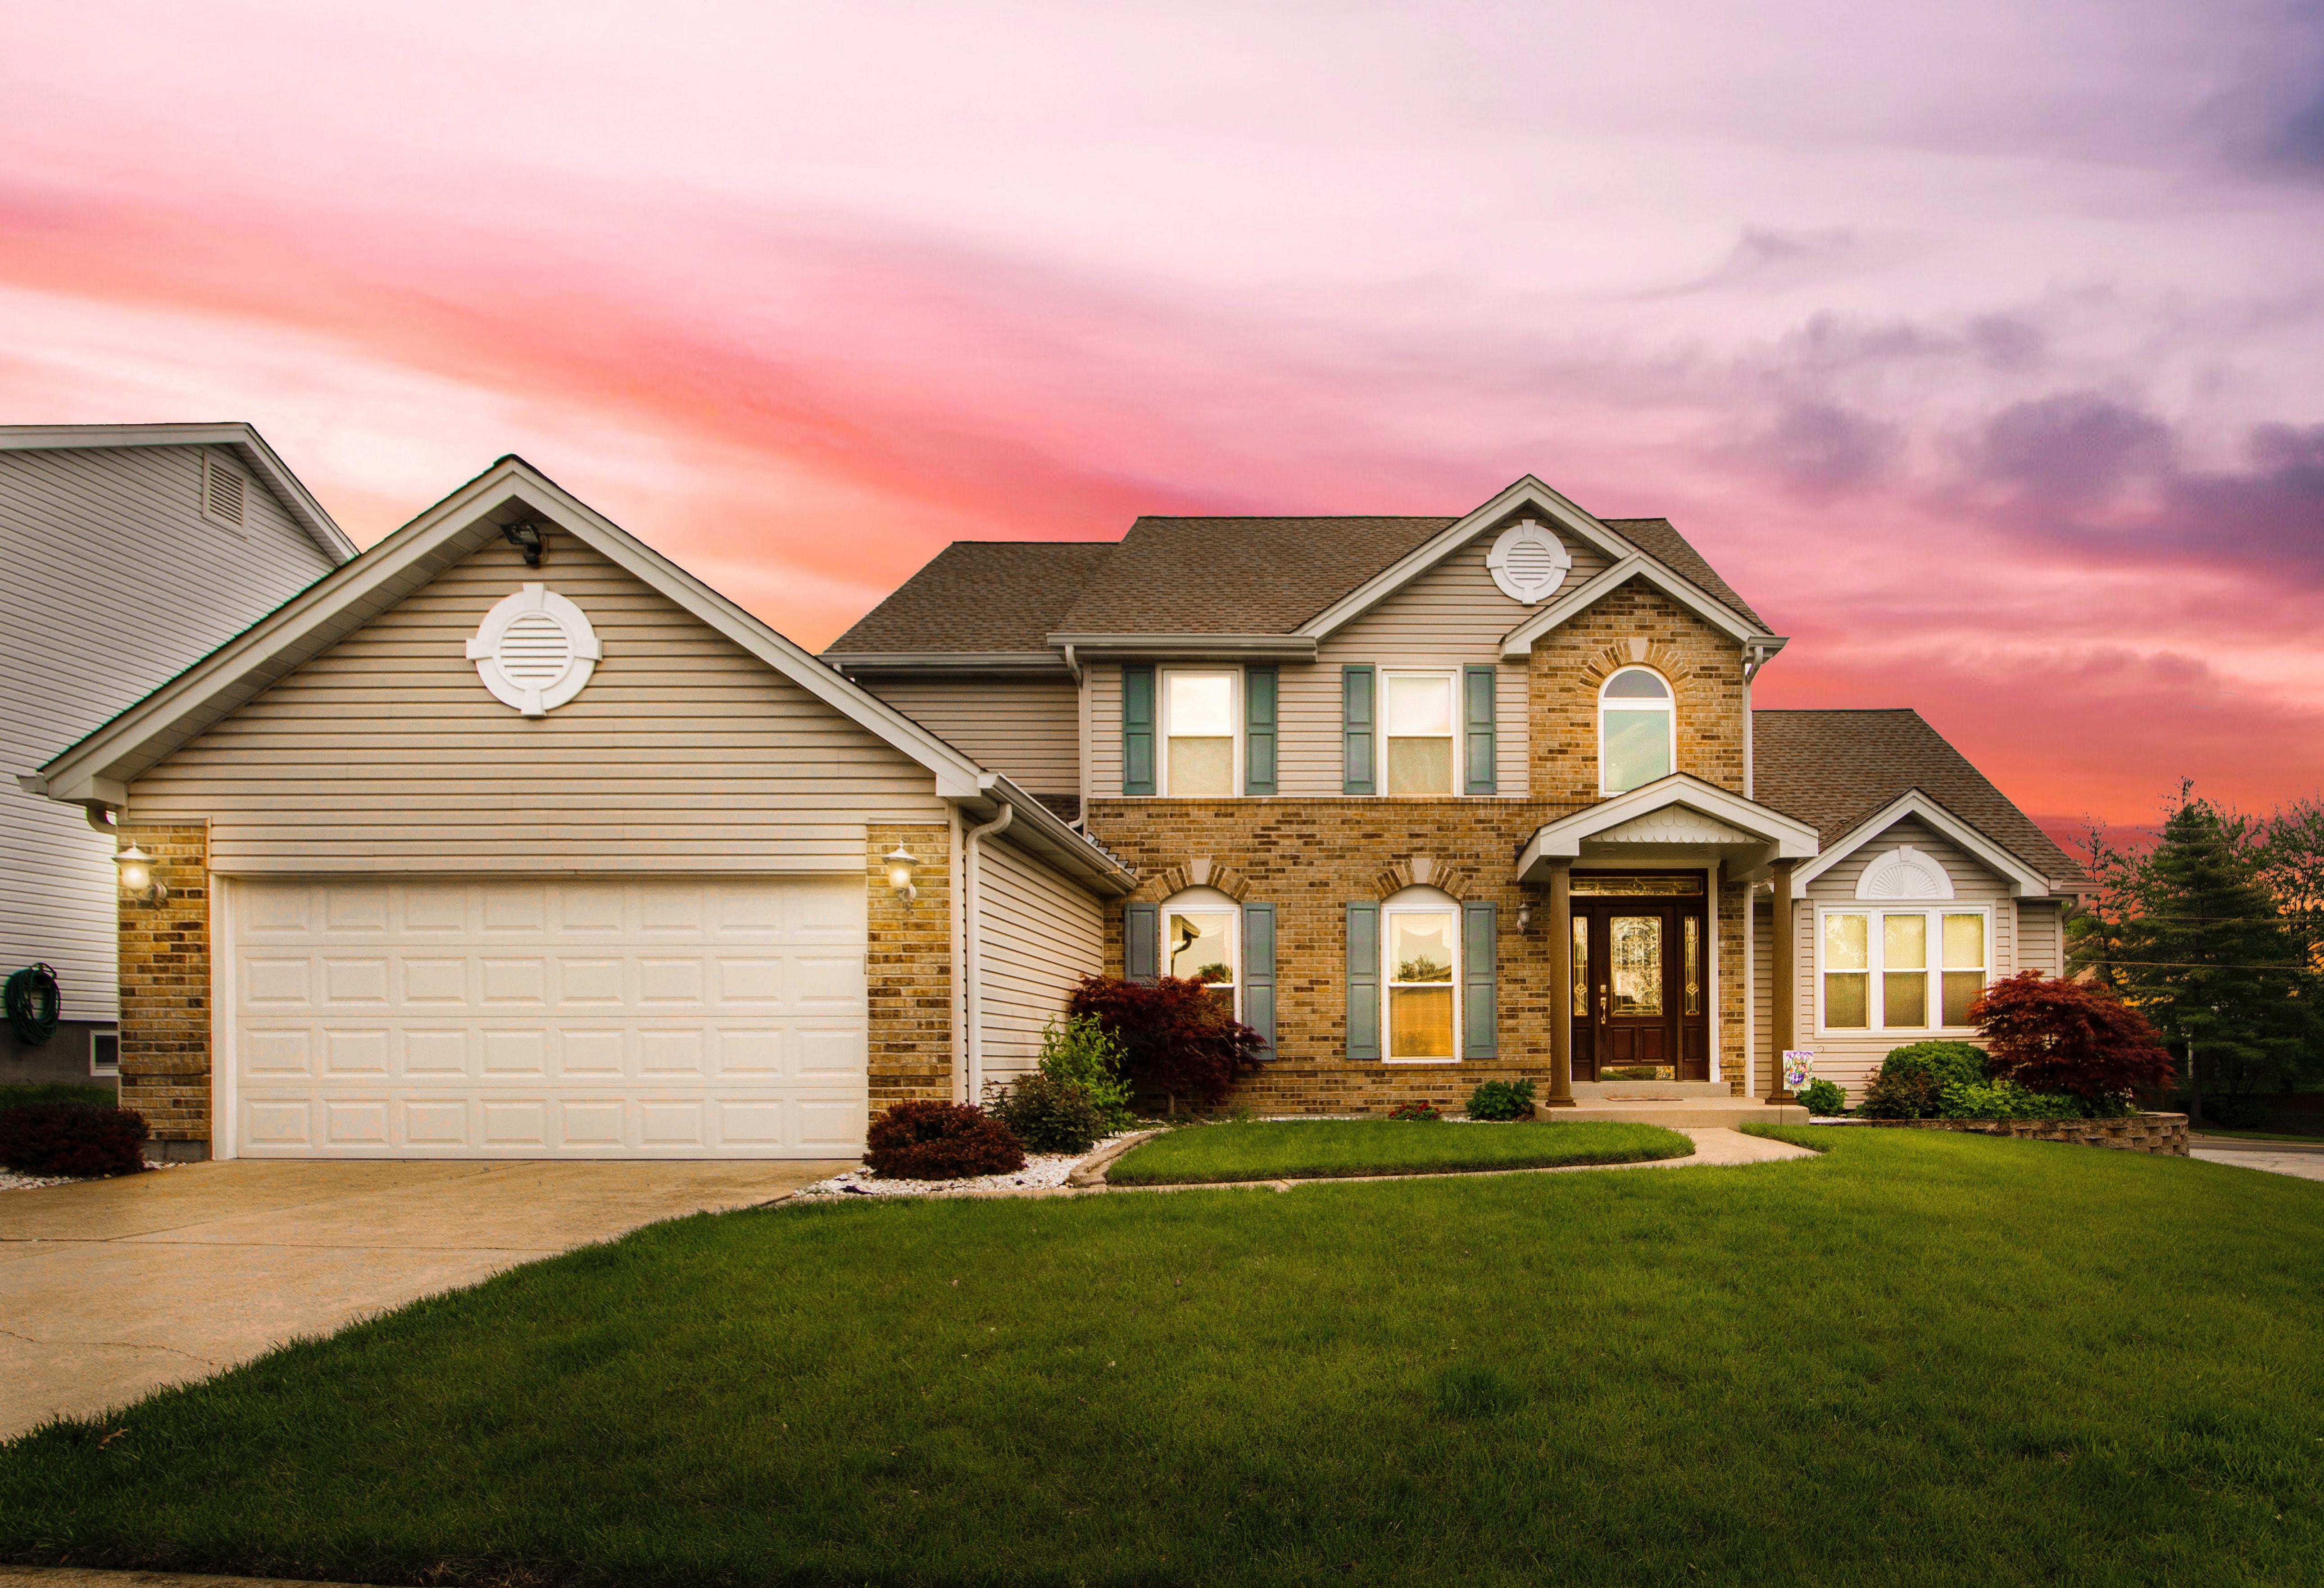 住宅ローンを借りるときの4つのコツ【極限まで無駄とリスクを減らす】